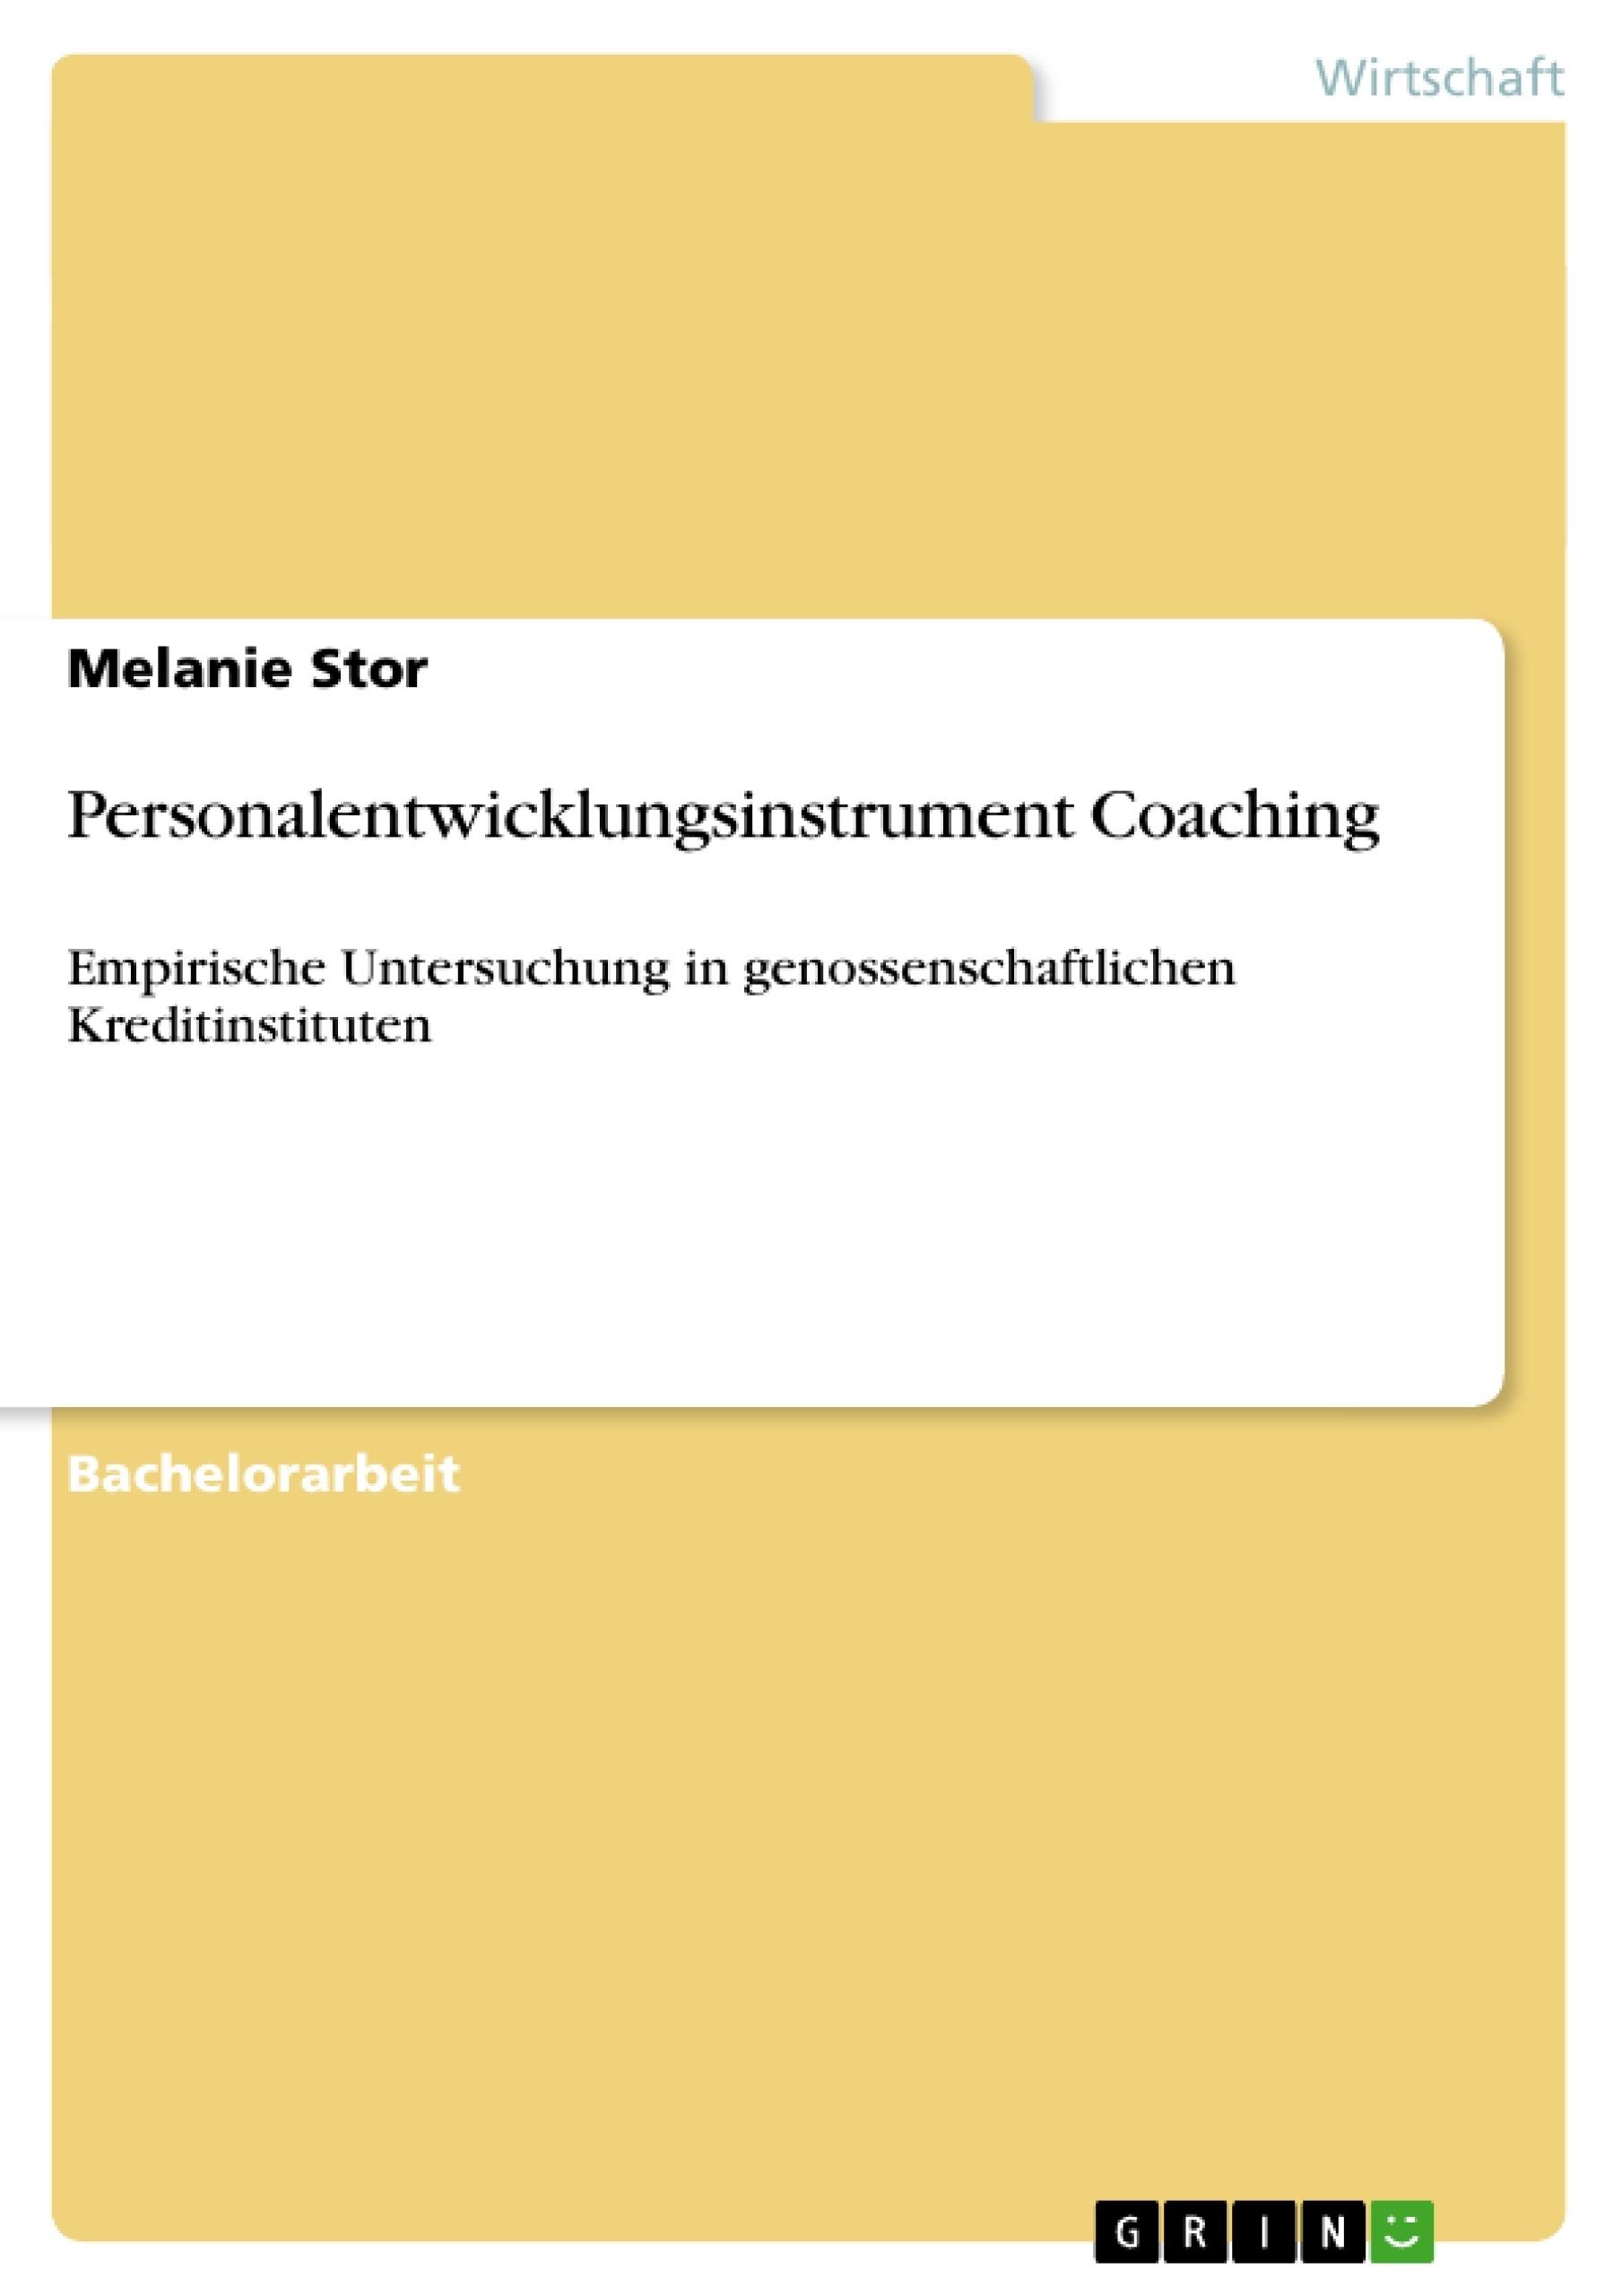 Titel: Personalentwicklungsinstrument Coaching